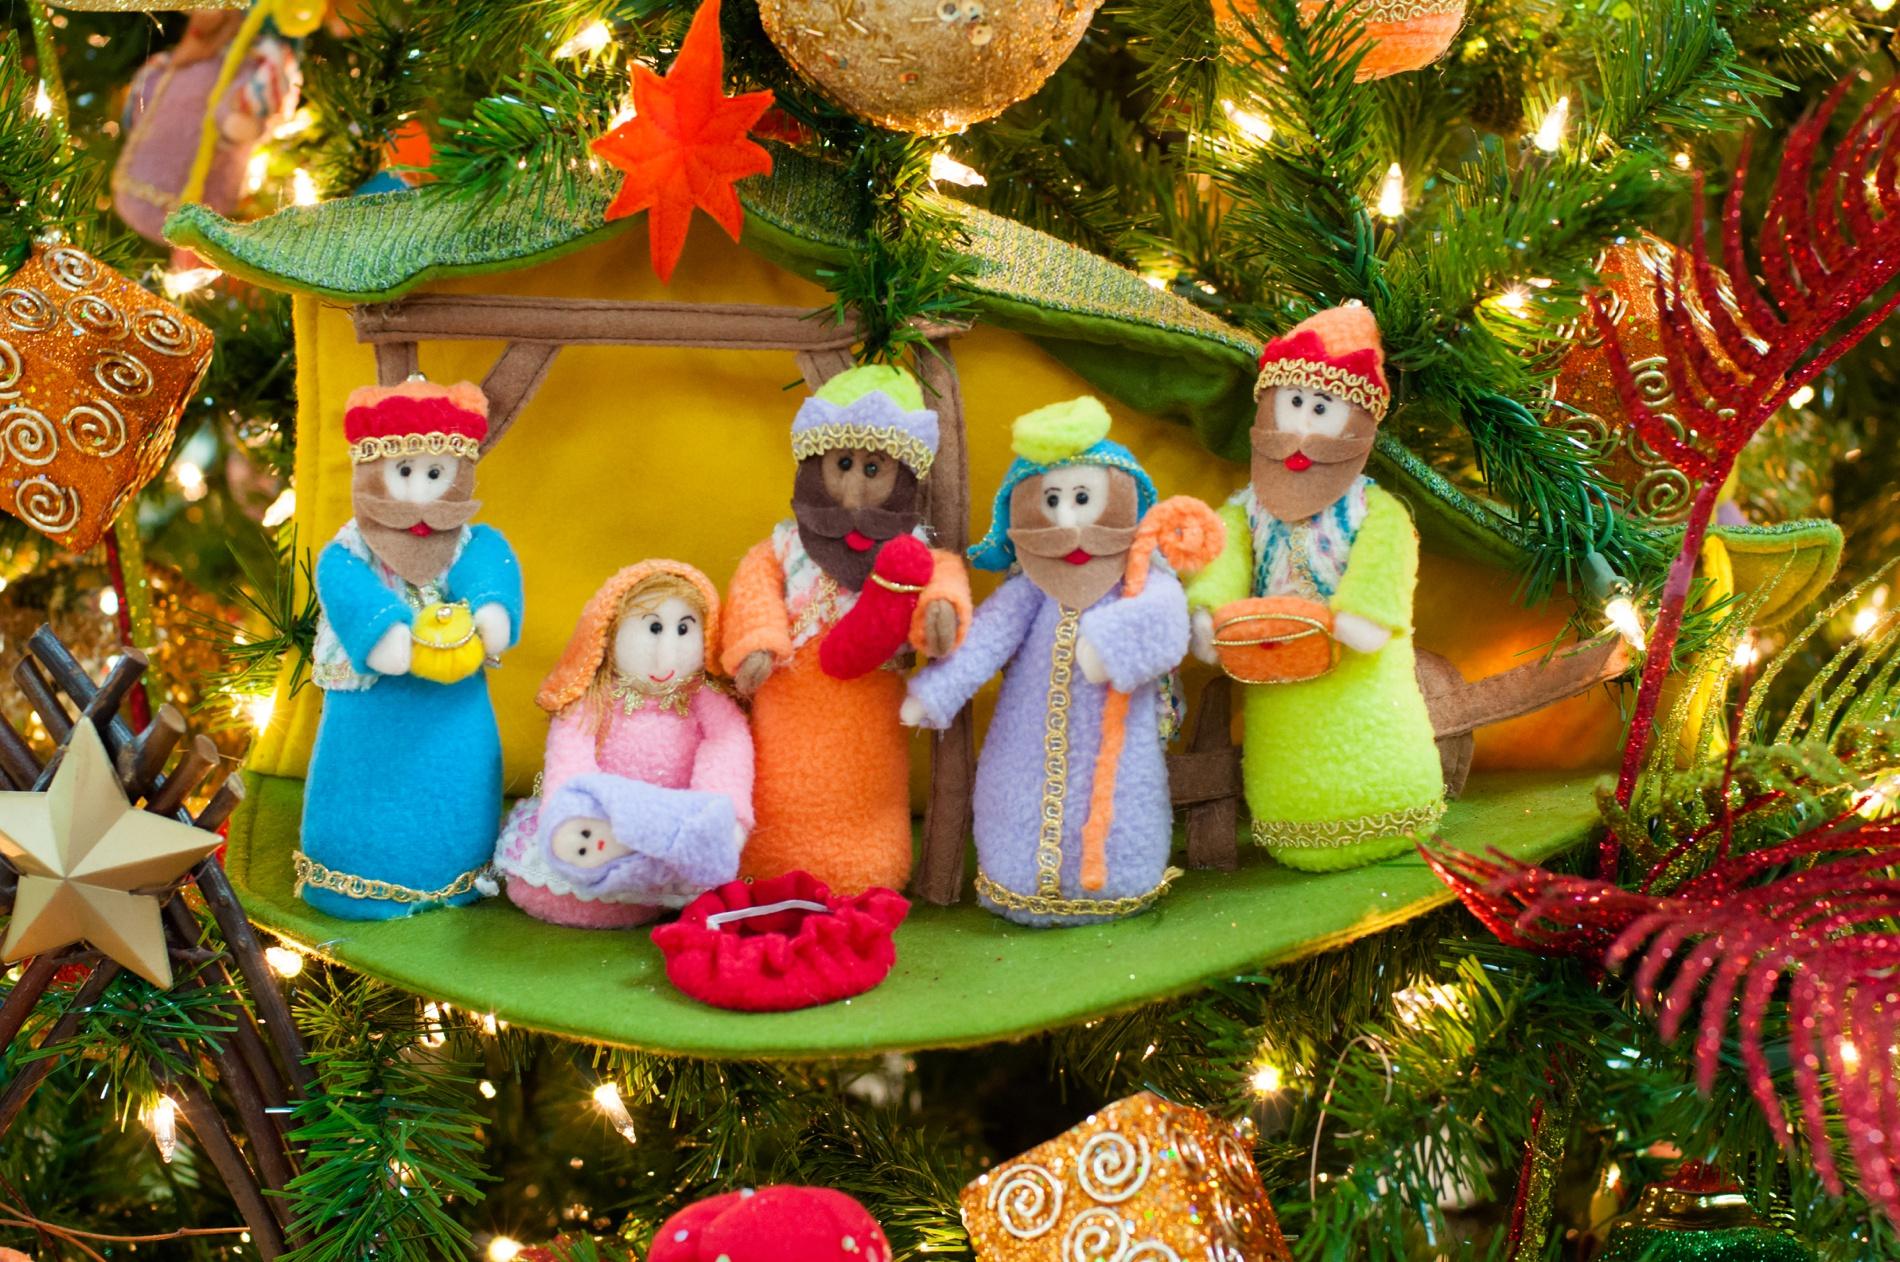 La estampa del Nacimiento en la decoración Navideñas - casafebus.com